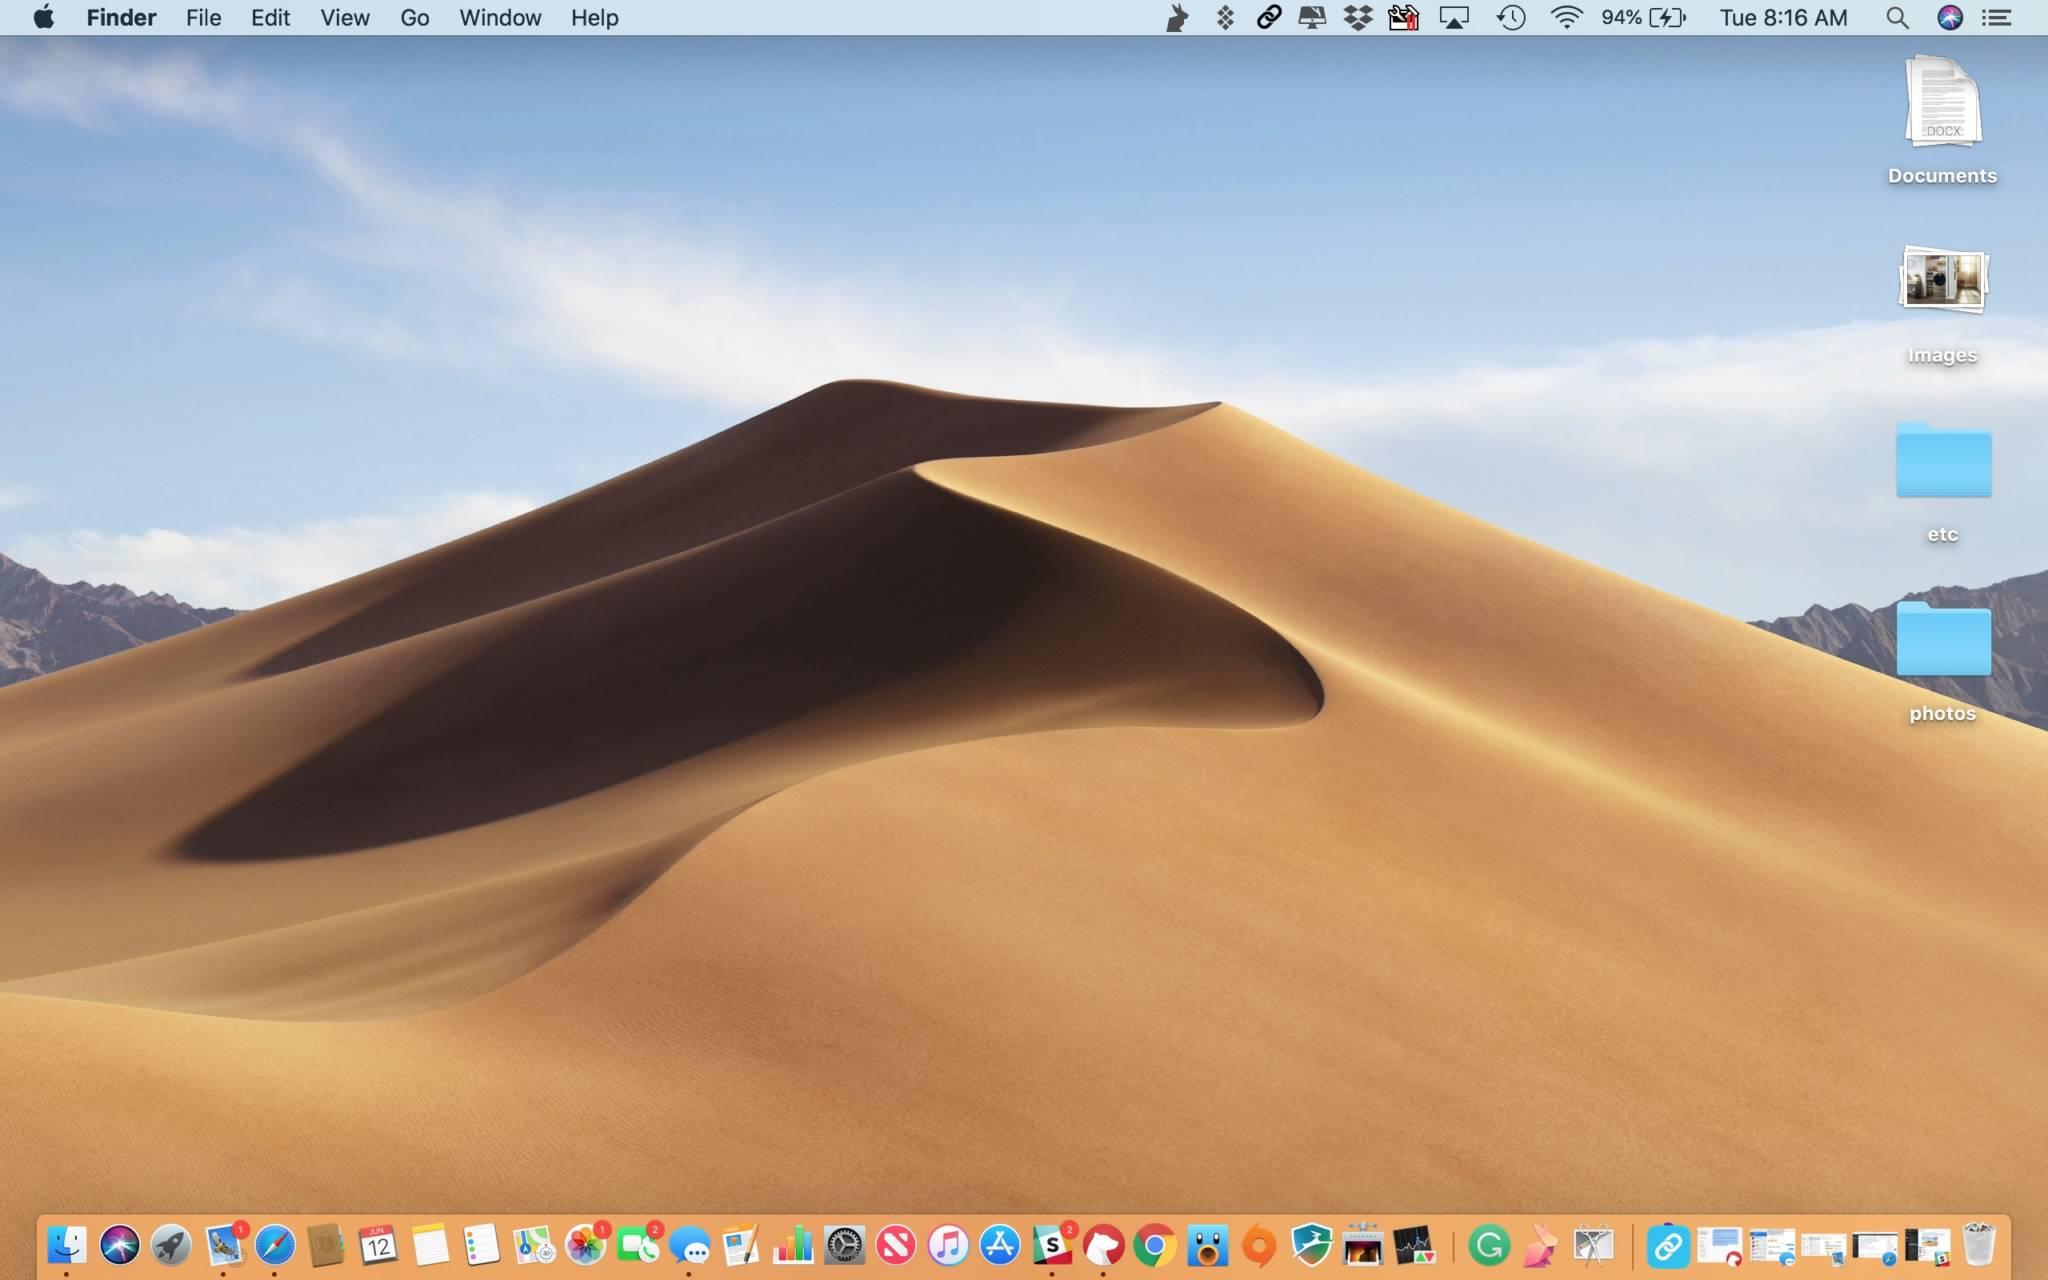 Cómo usar Stacks en macOS